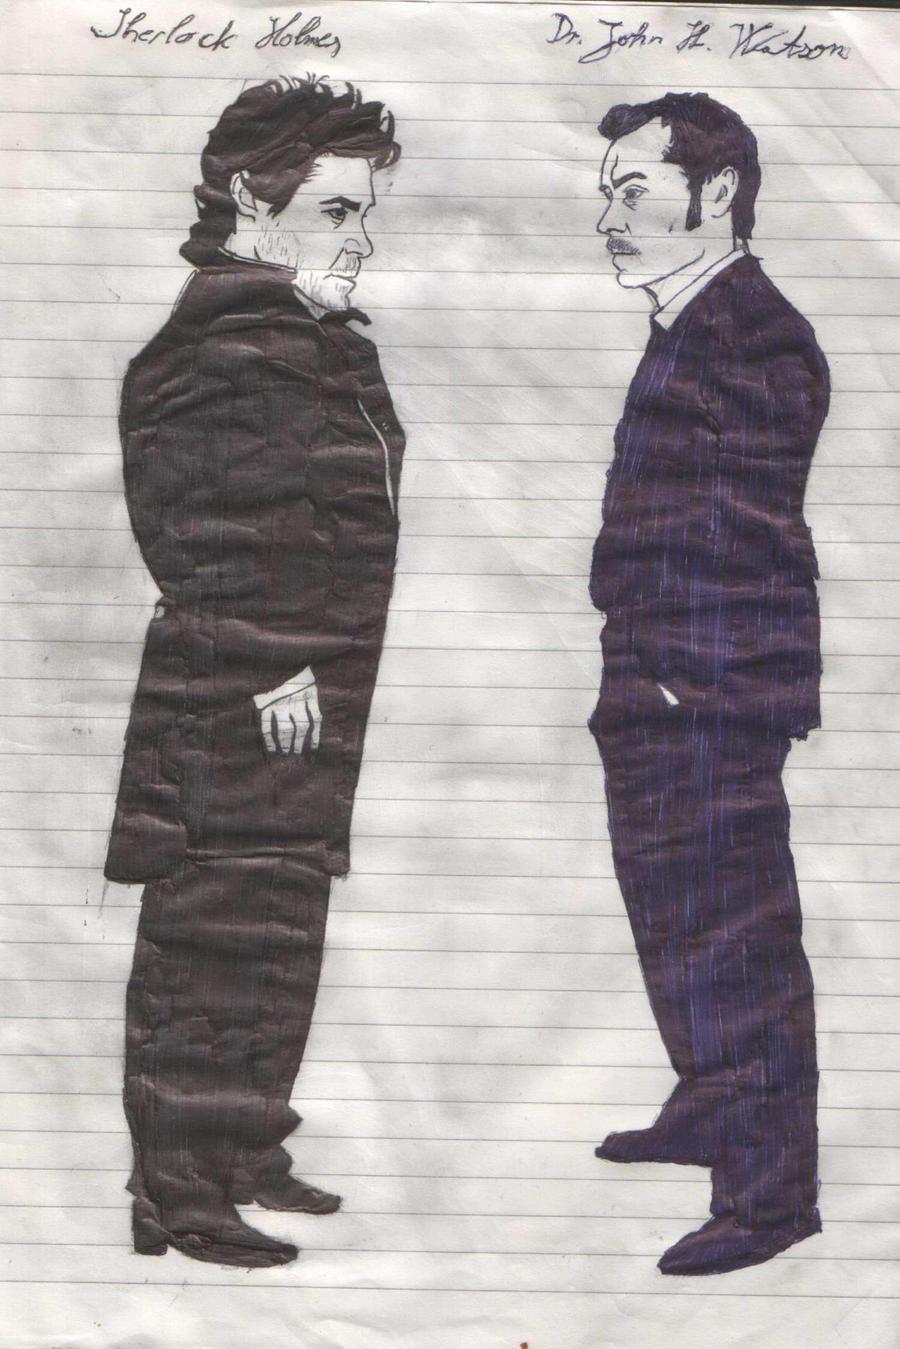 Sherlock Holmes n John Watson by DowneyFan